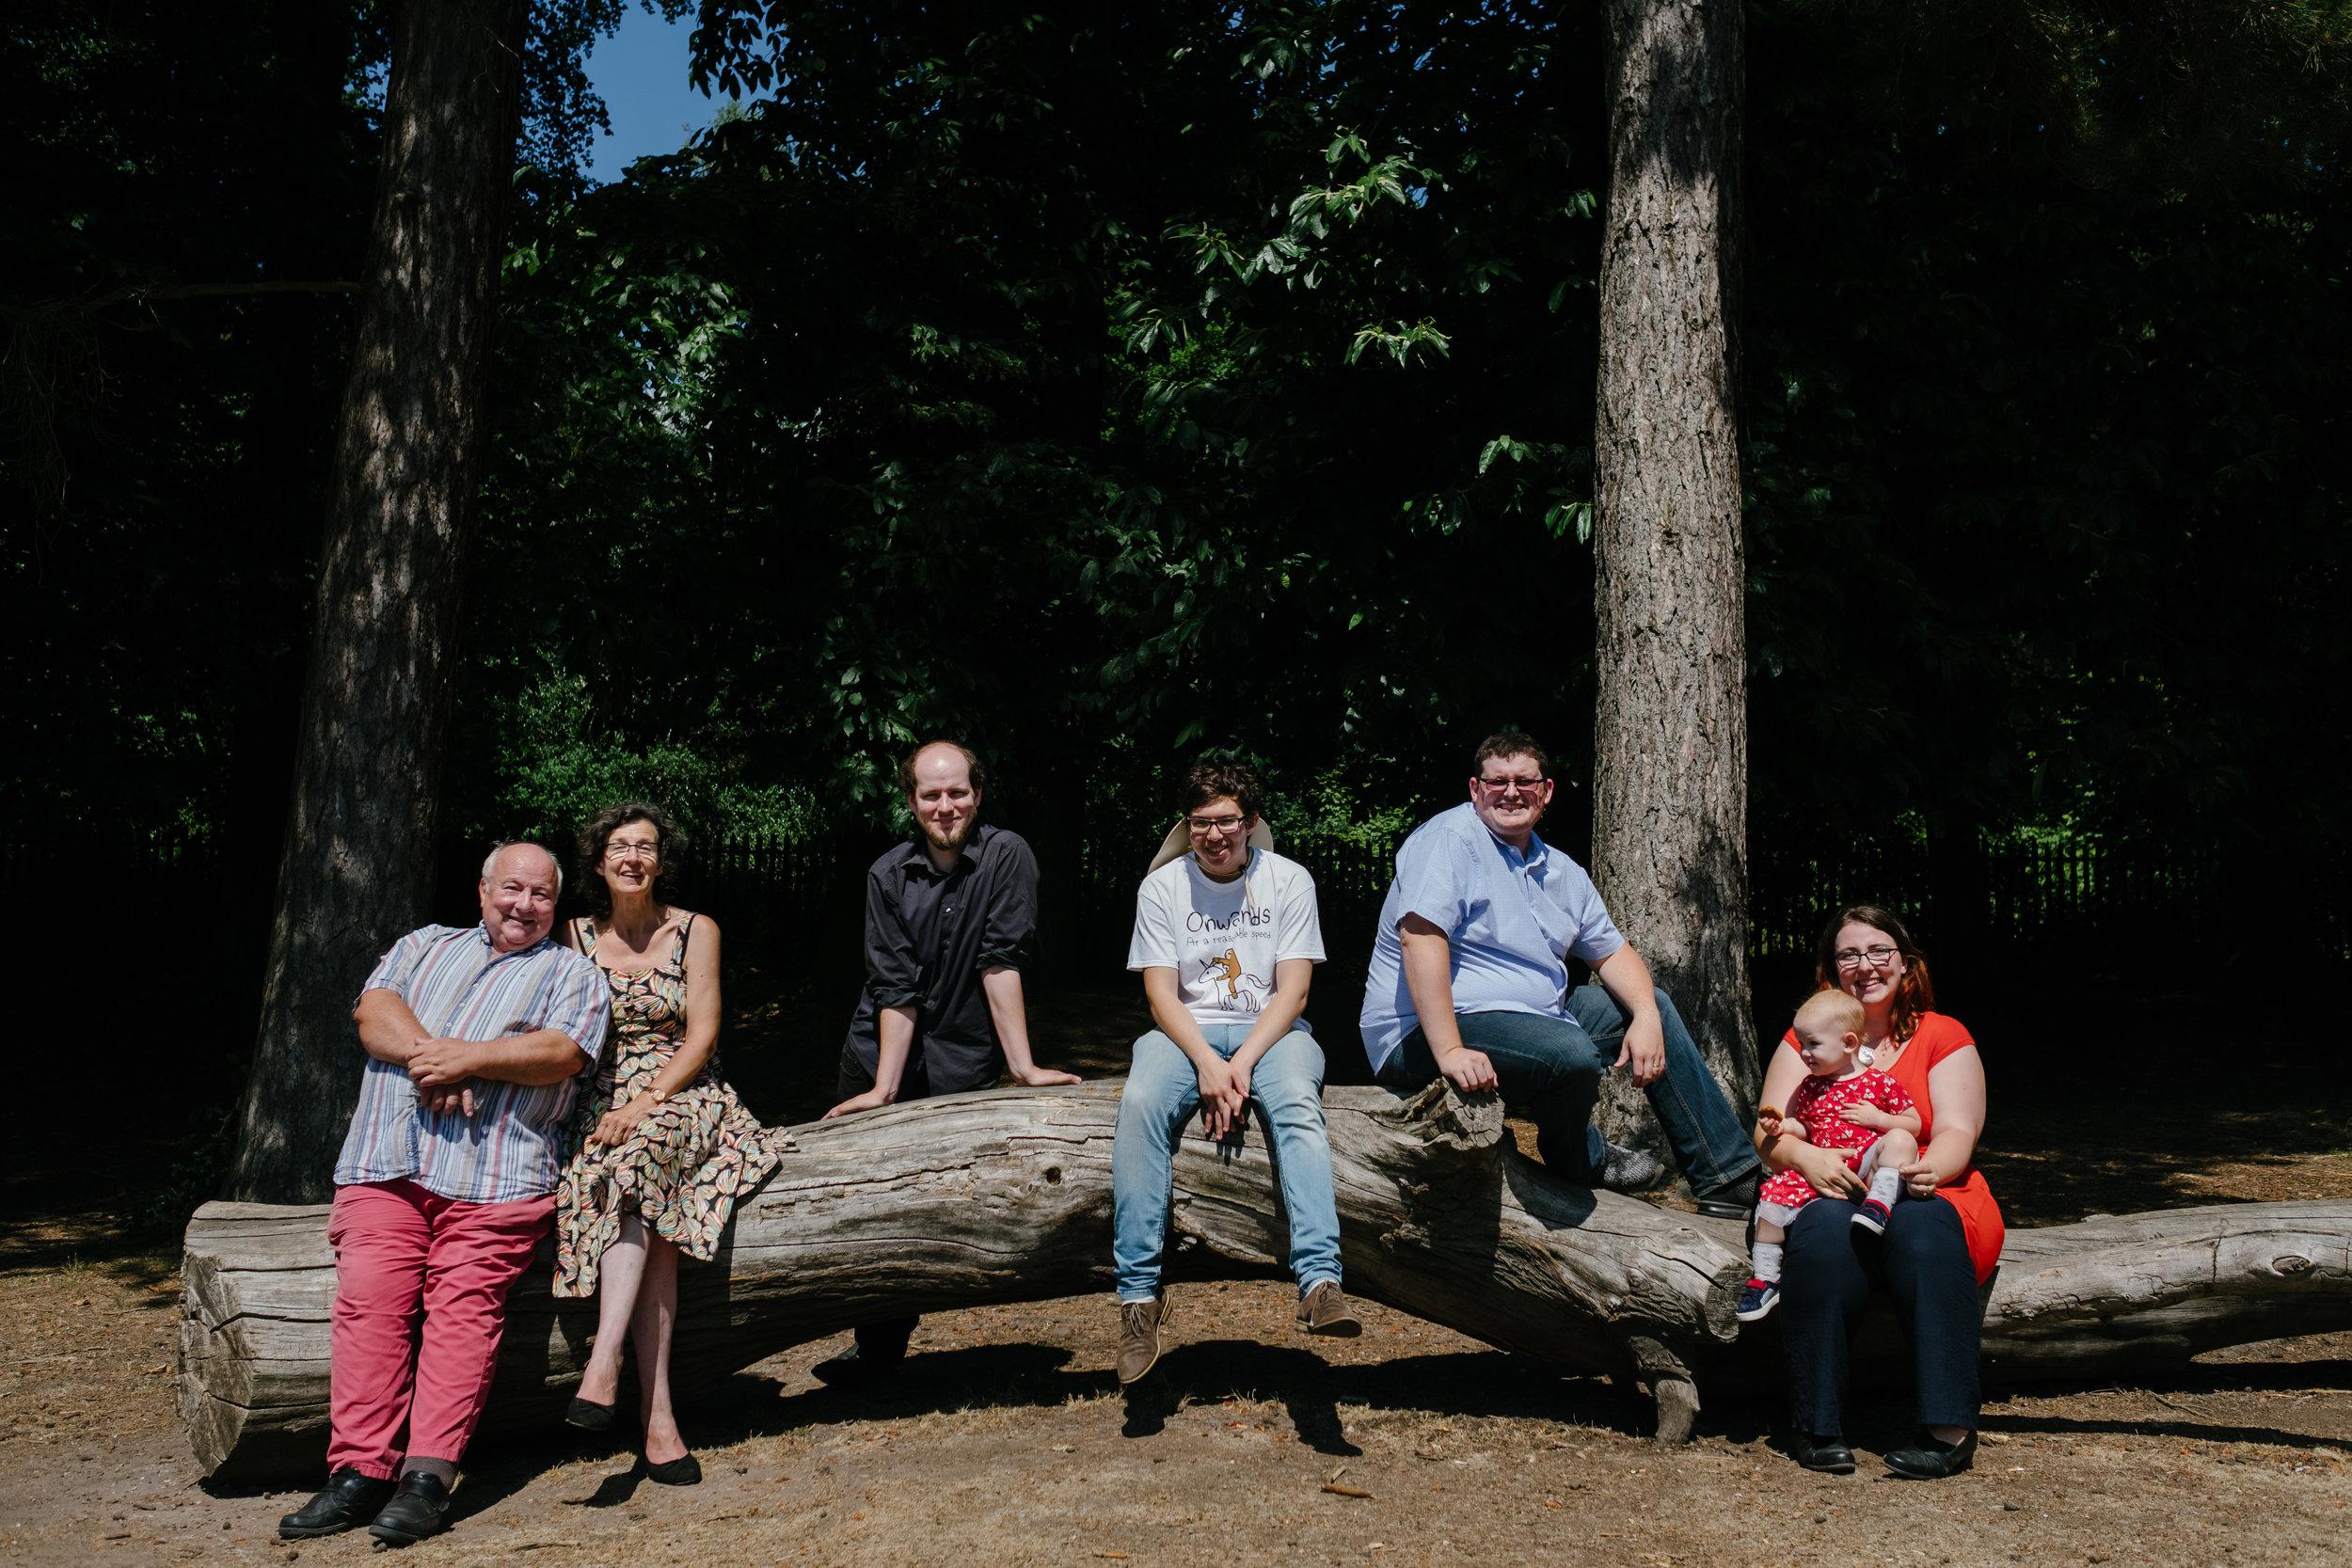 009 Tricia's Family Shoot.jpg